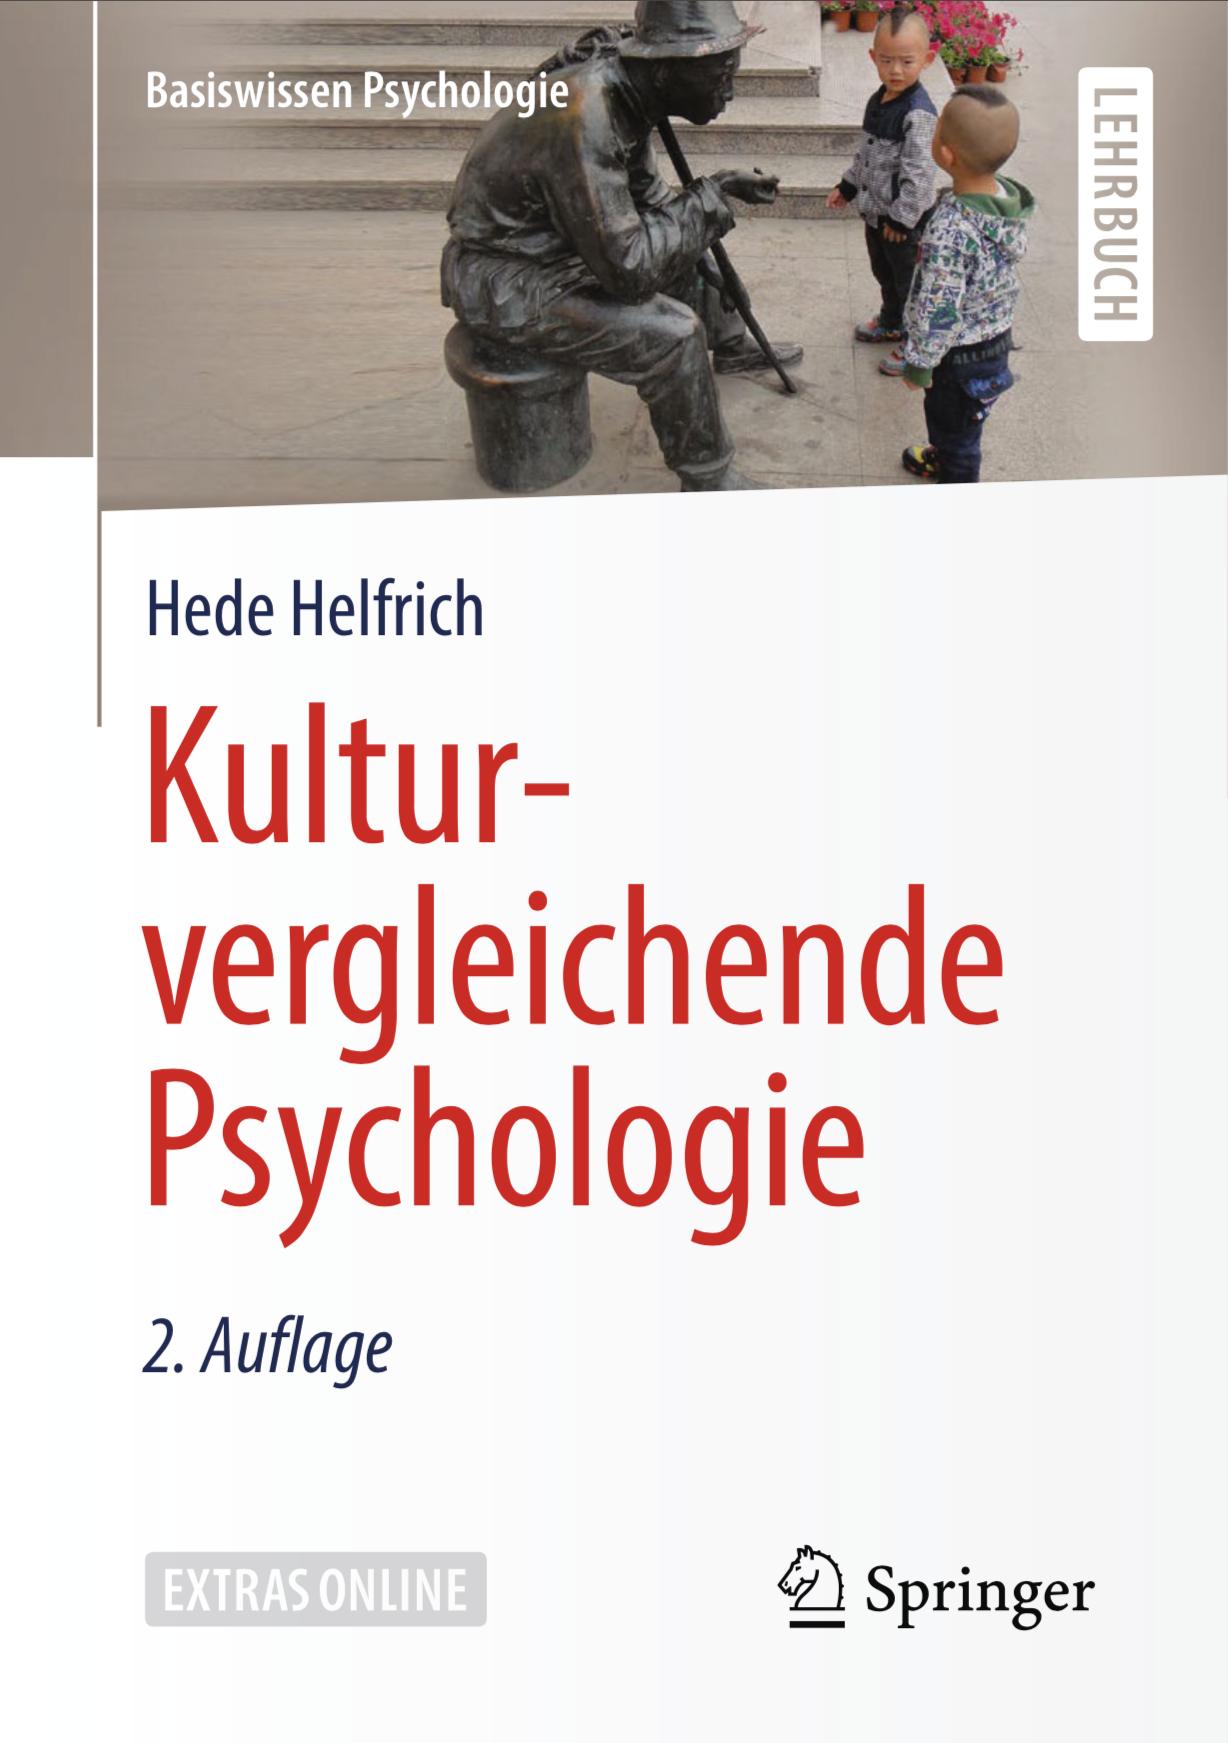 cover_kulturvergleichendepsychologie.png